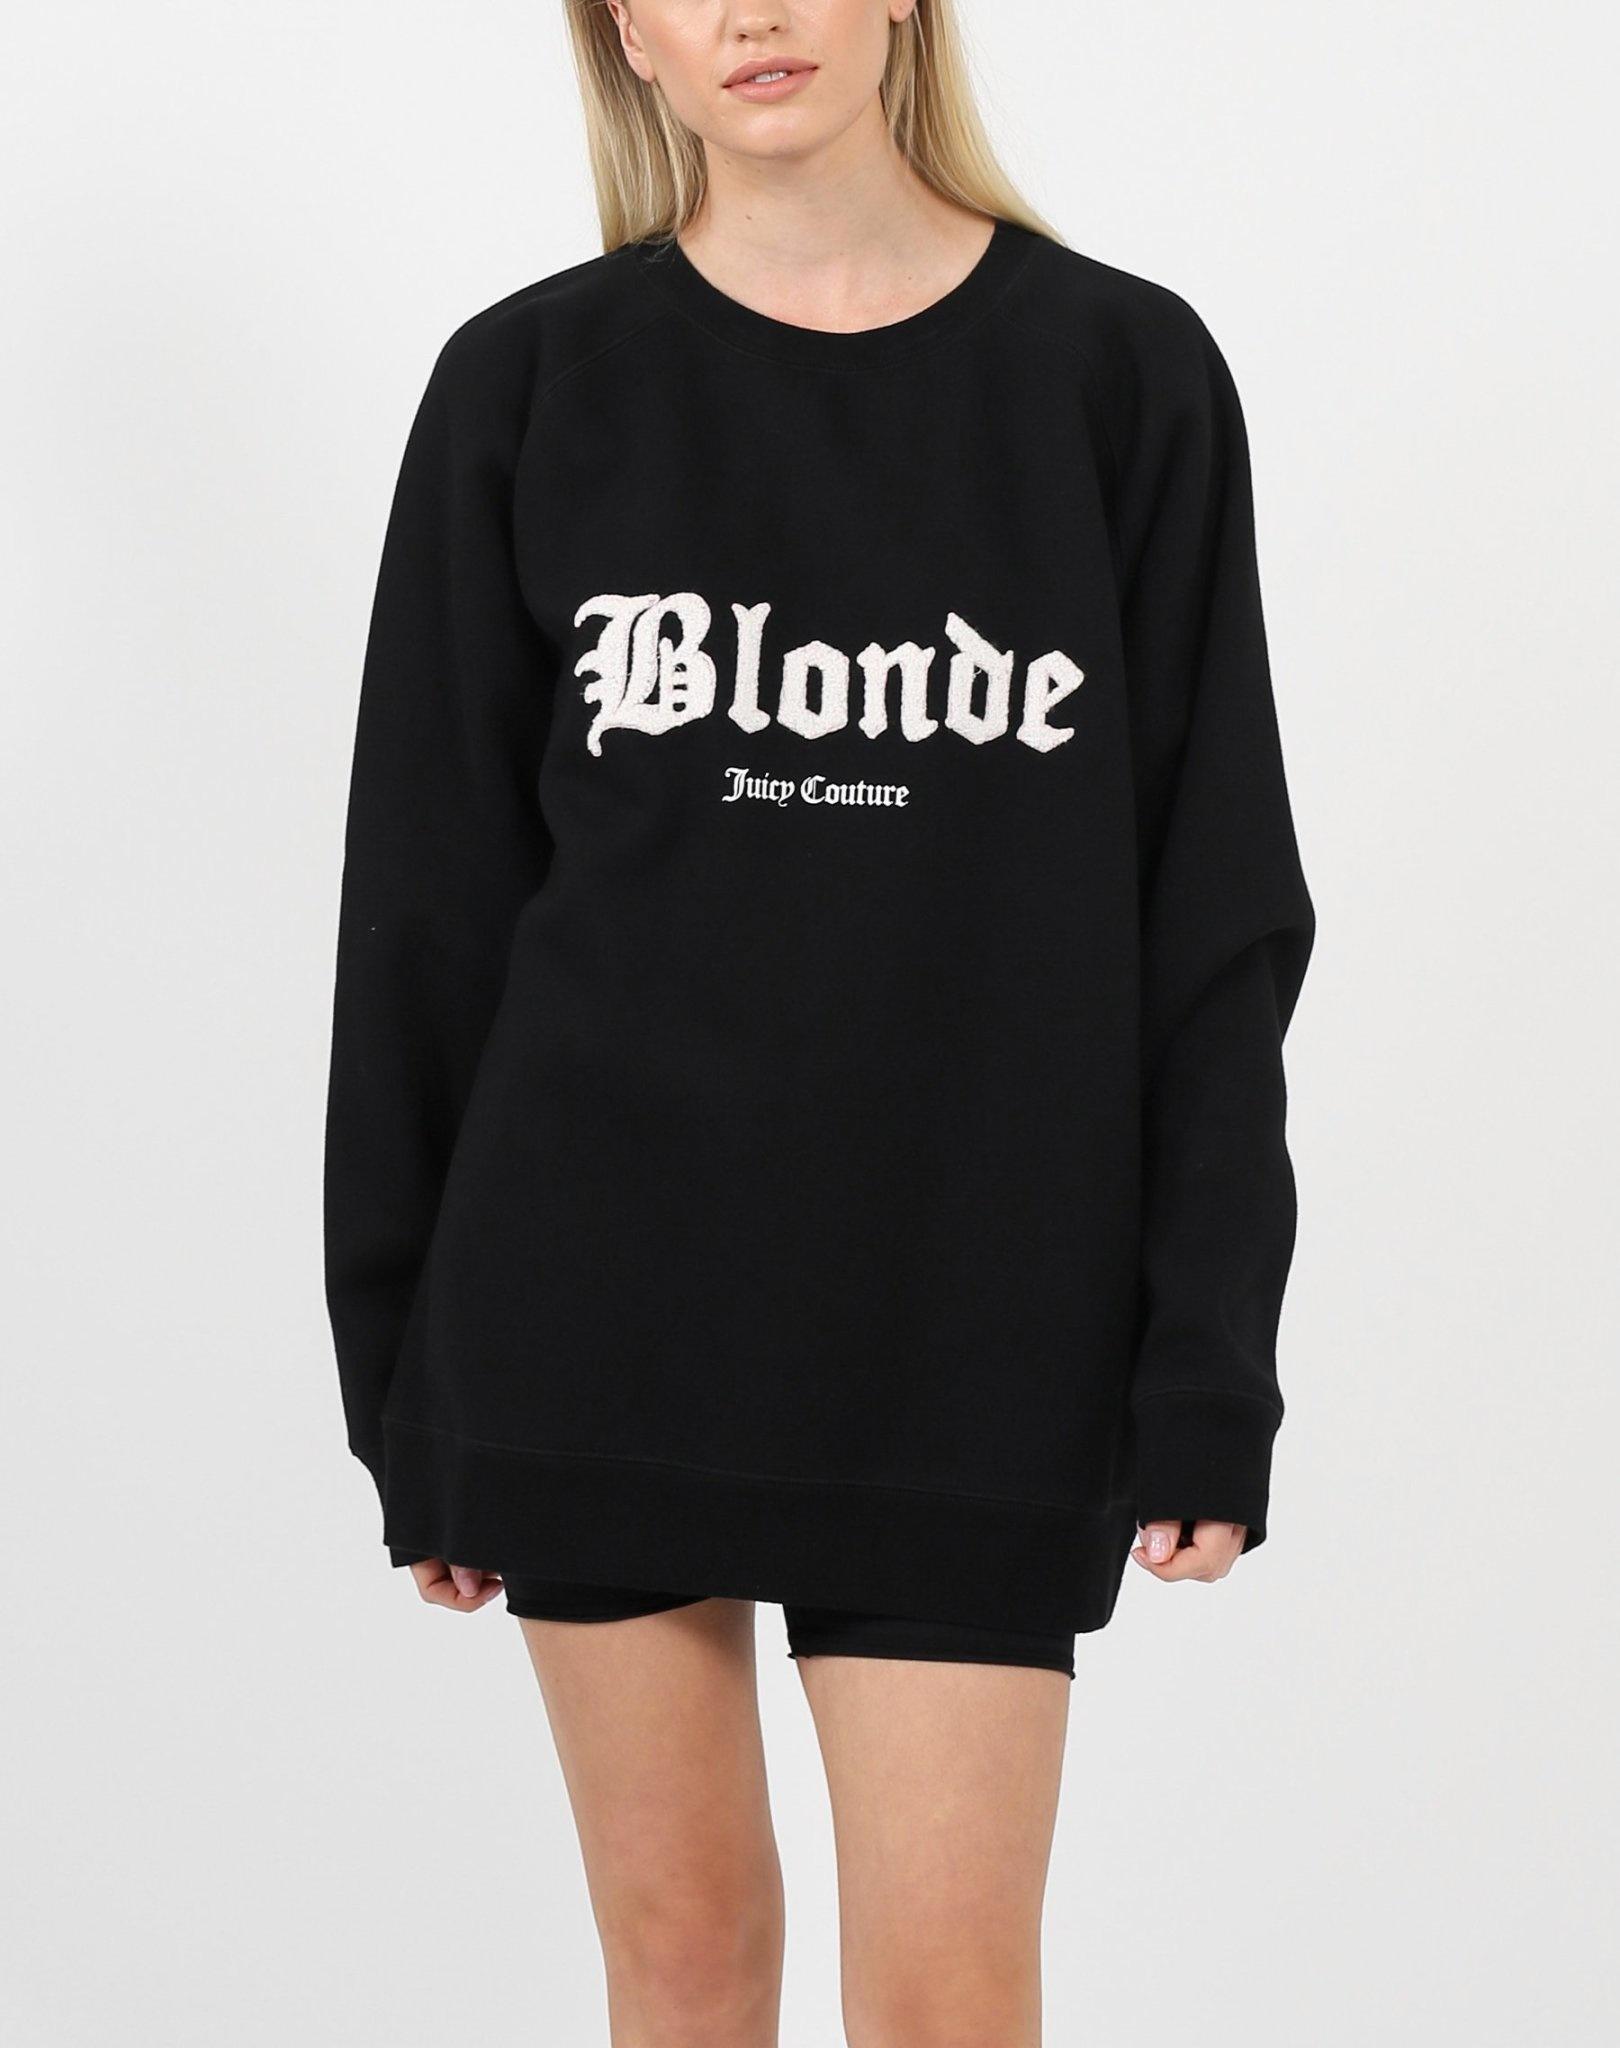 Brunette The Label Blonde Big Sister Crew